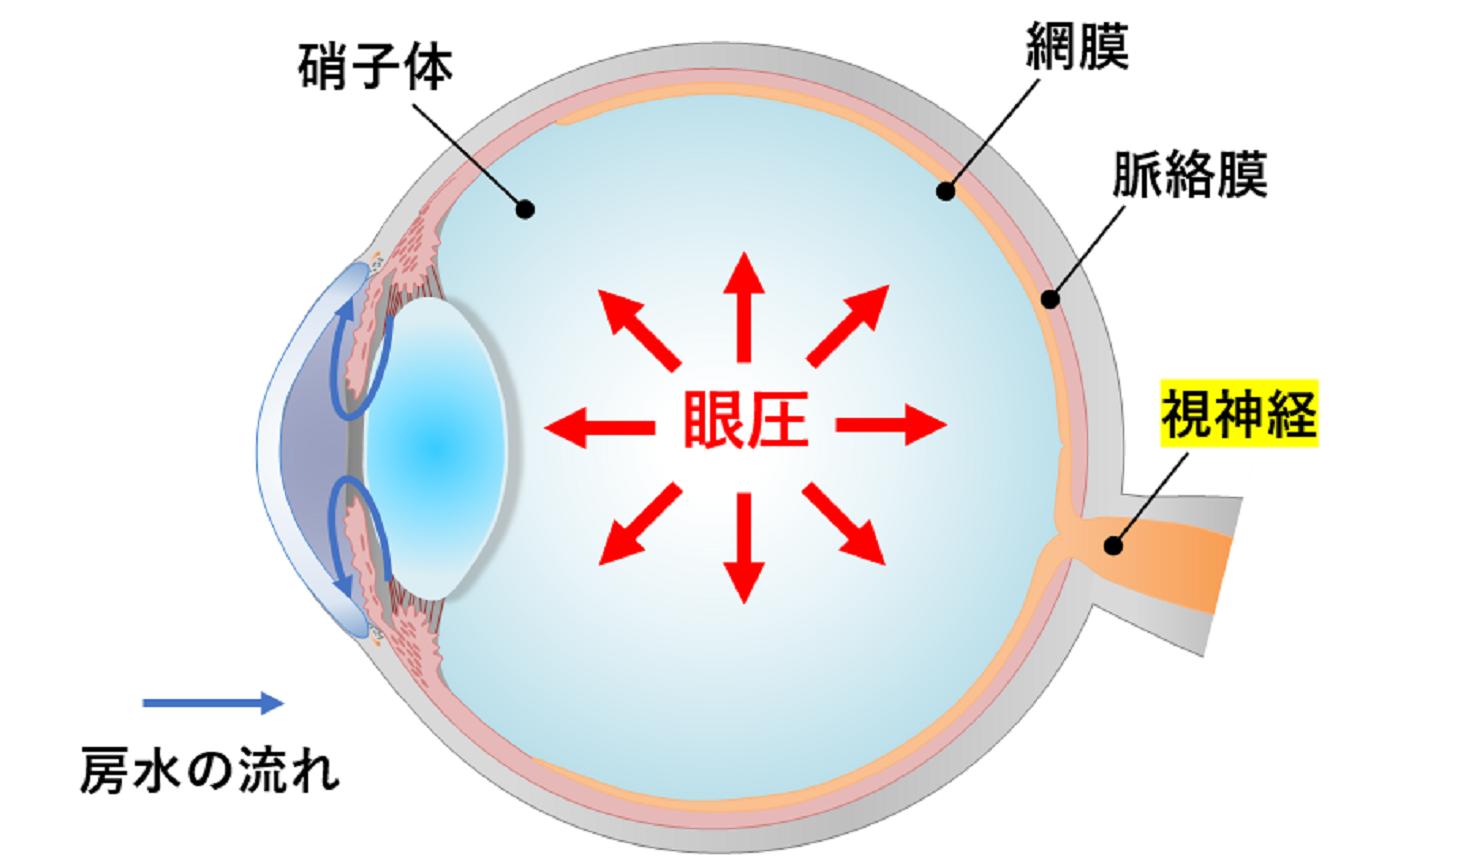 眼圧をイメージする眼球の断面図